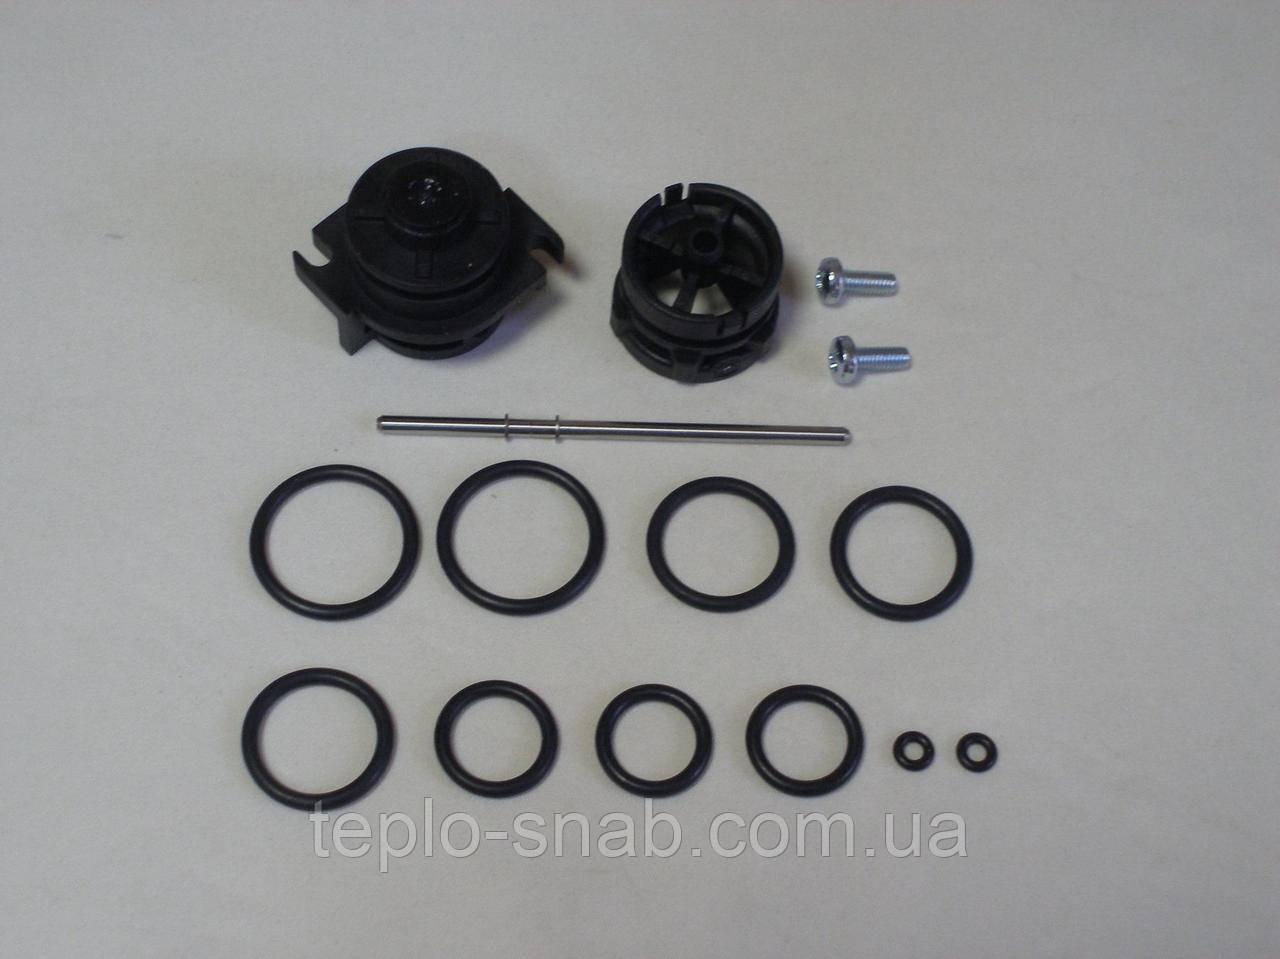 Ремкомплект 3-х ходового клапана Immergas Mini 24-28 KW - 3.017141